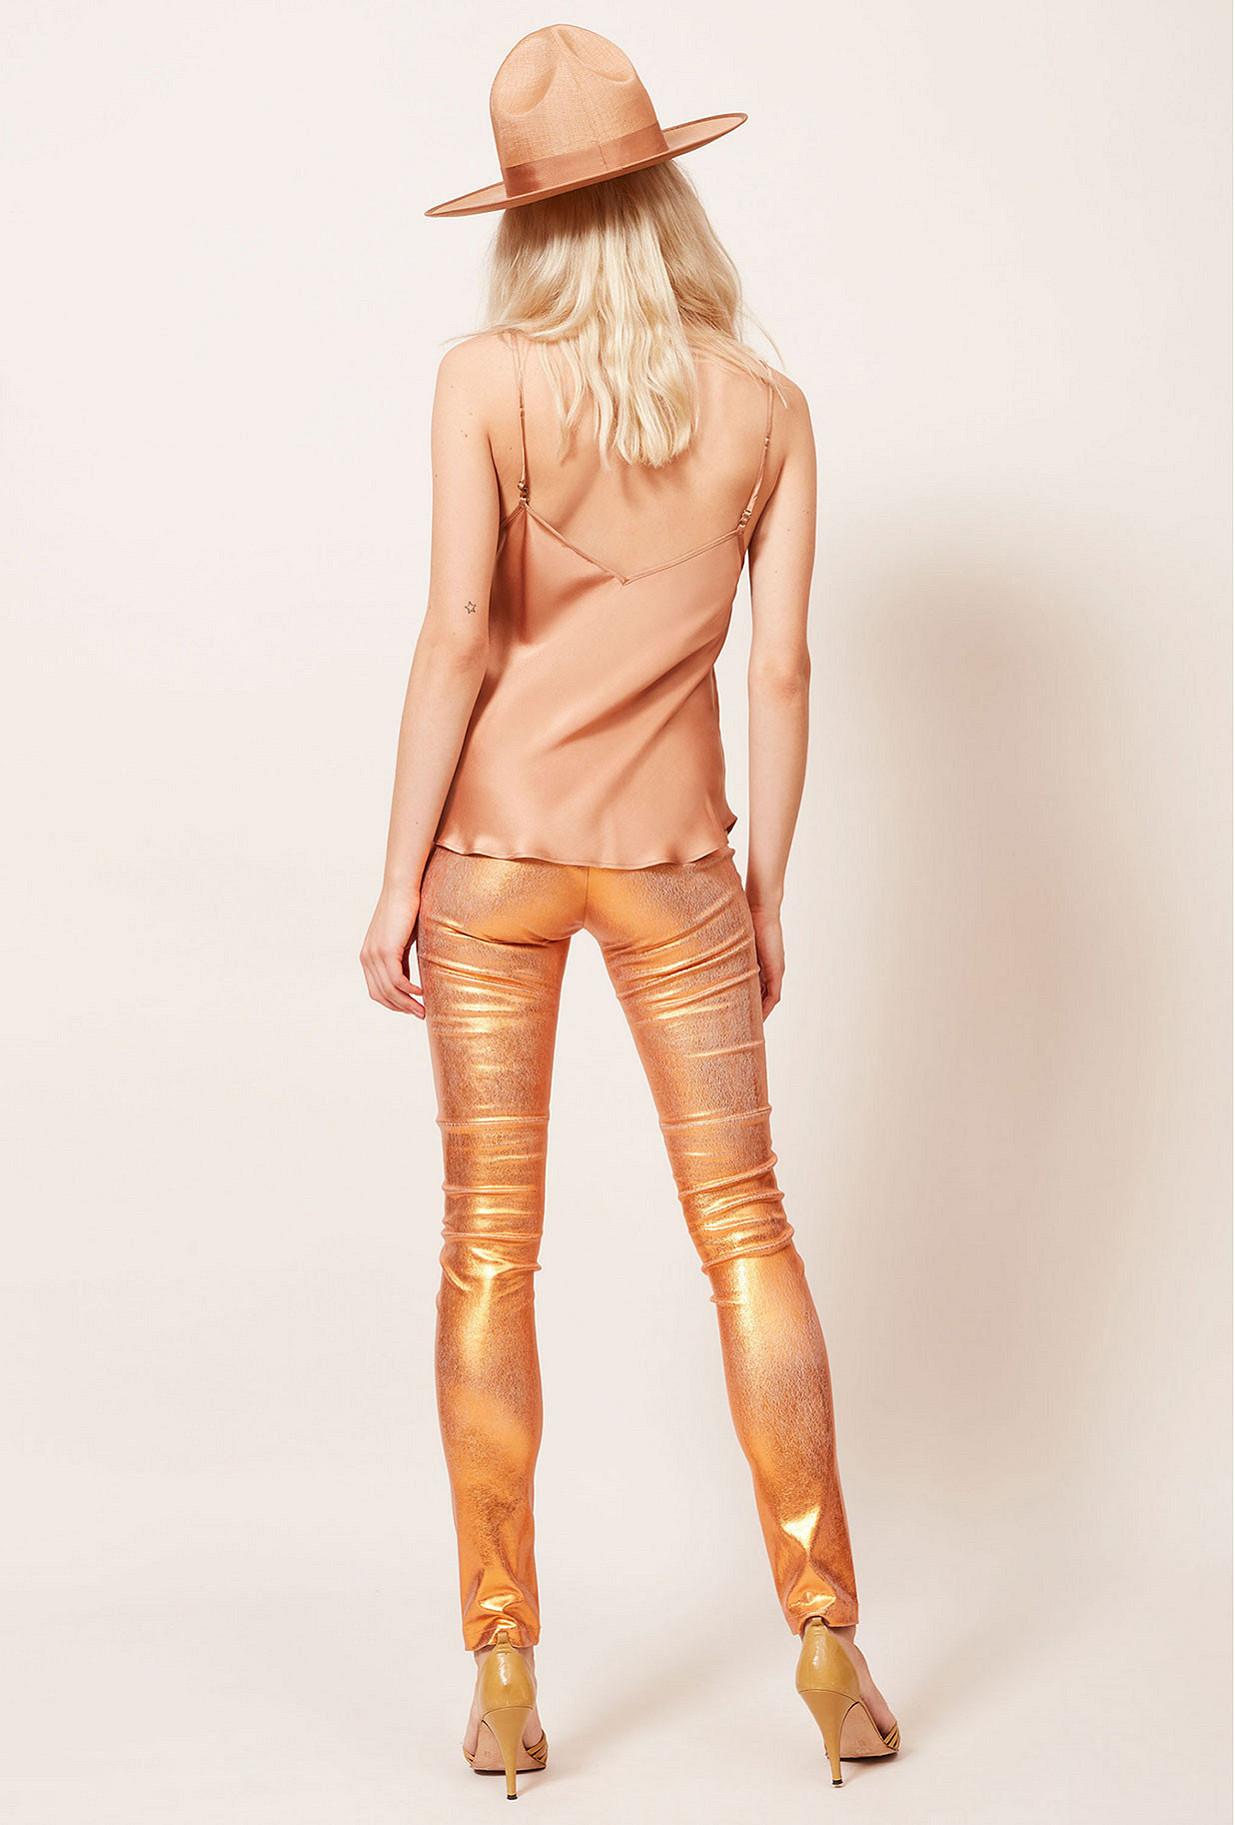 Paris clothes store Pant  Esther french designer fashion Paris